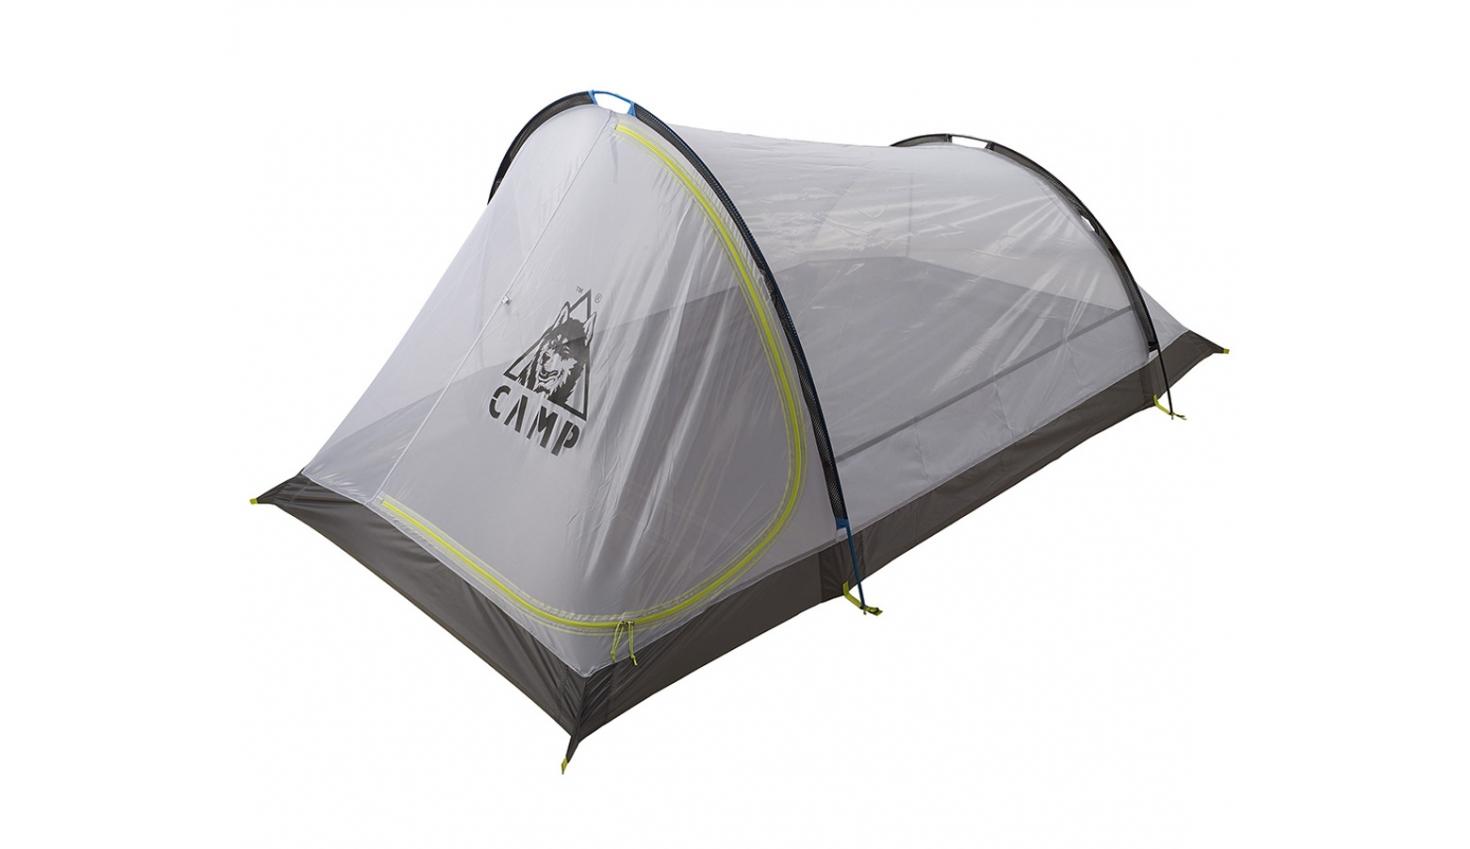 Camp_Minima_2_SL_Tent[1470x849]